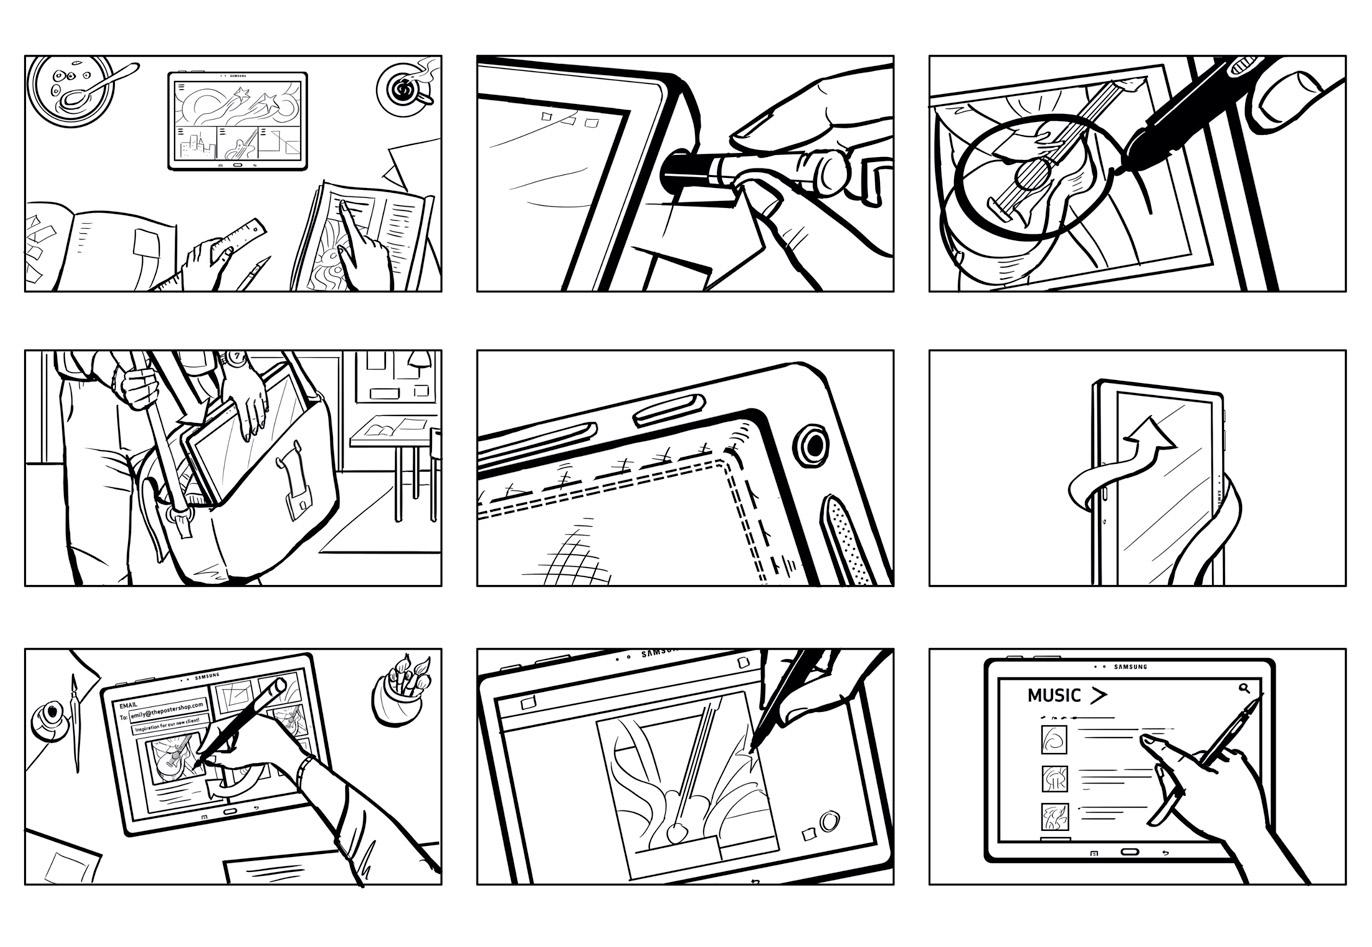 Tablet Stylus Detail Storyboards | Digital Ink